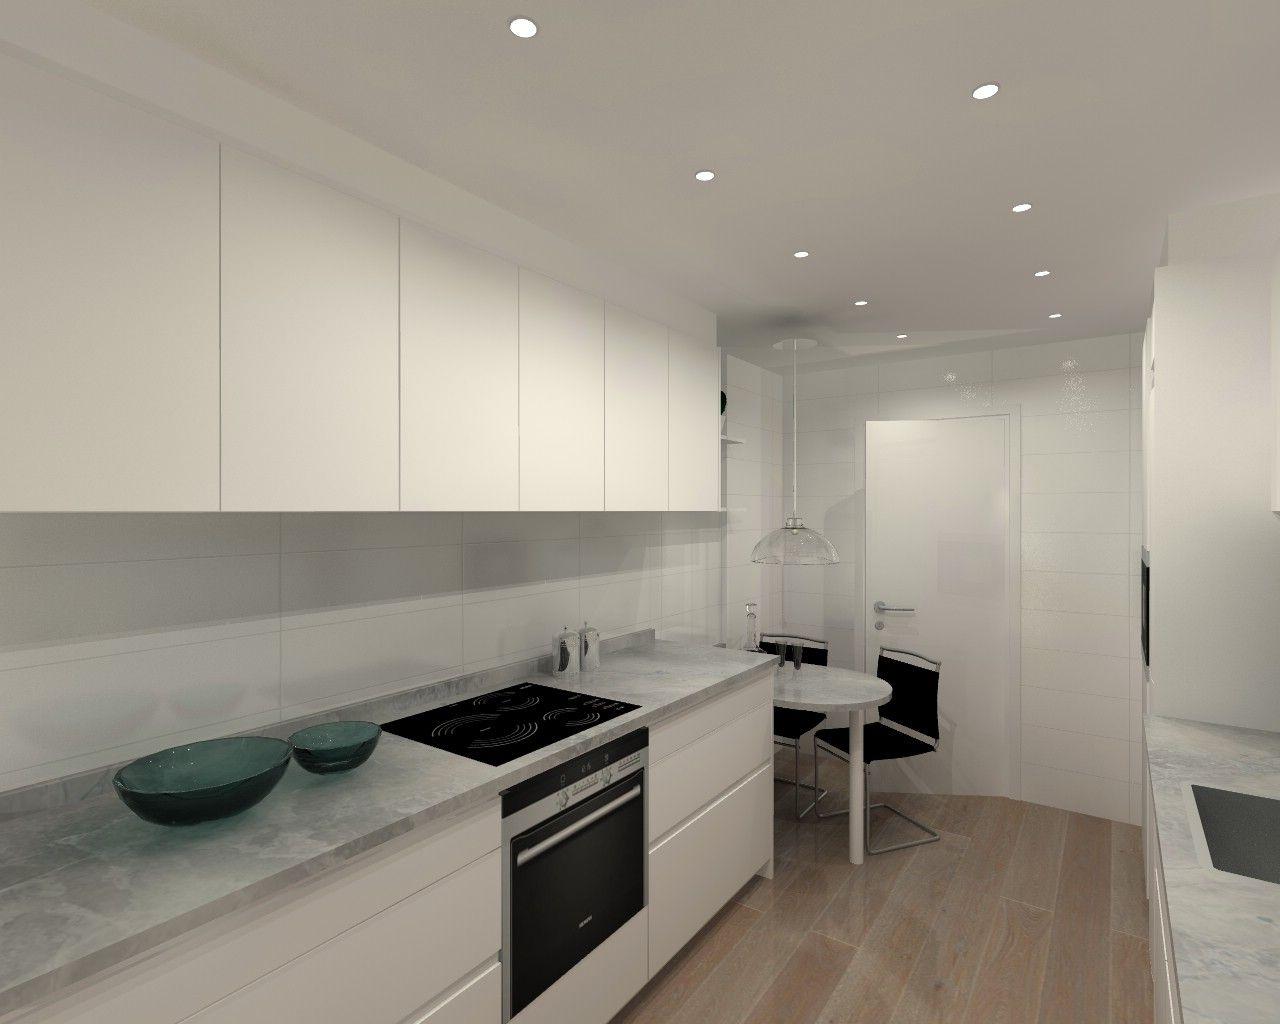 Cocinas Modernas Madrid.Cocina En Madrid Modelo Intra Minos Con Encimera Naturamia